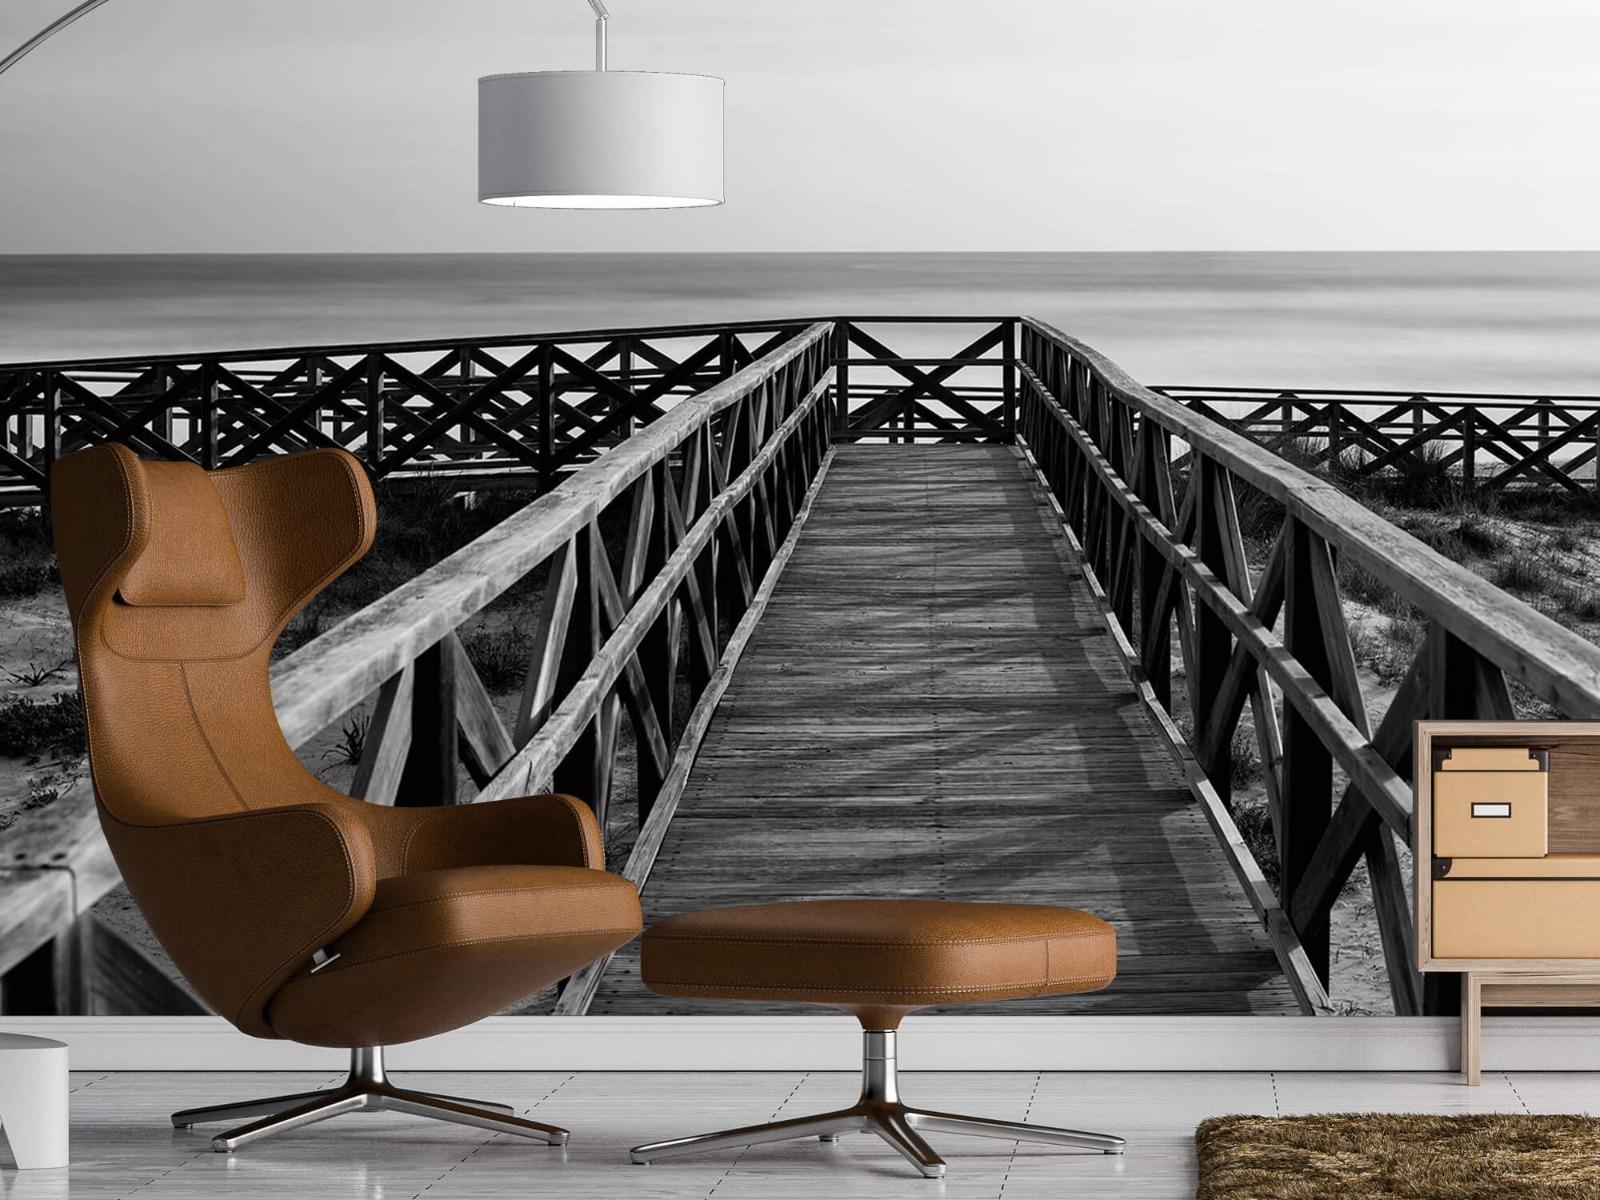 Zwart Wit behang - Loopbrug naar het strand - Hal 19